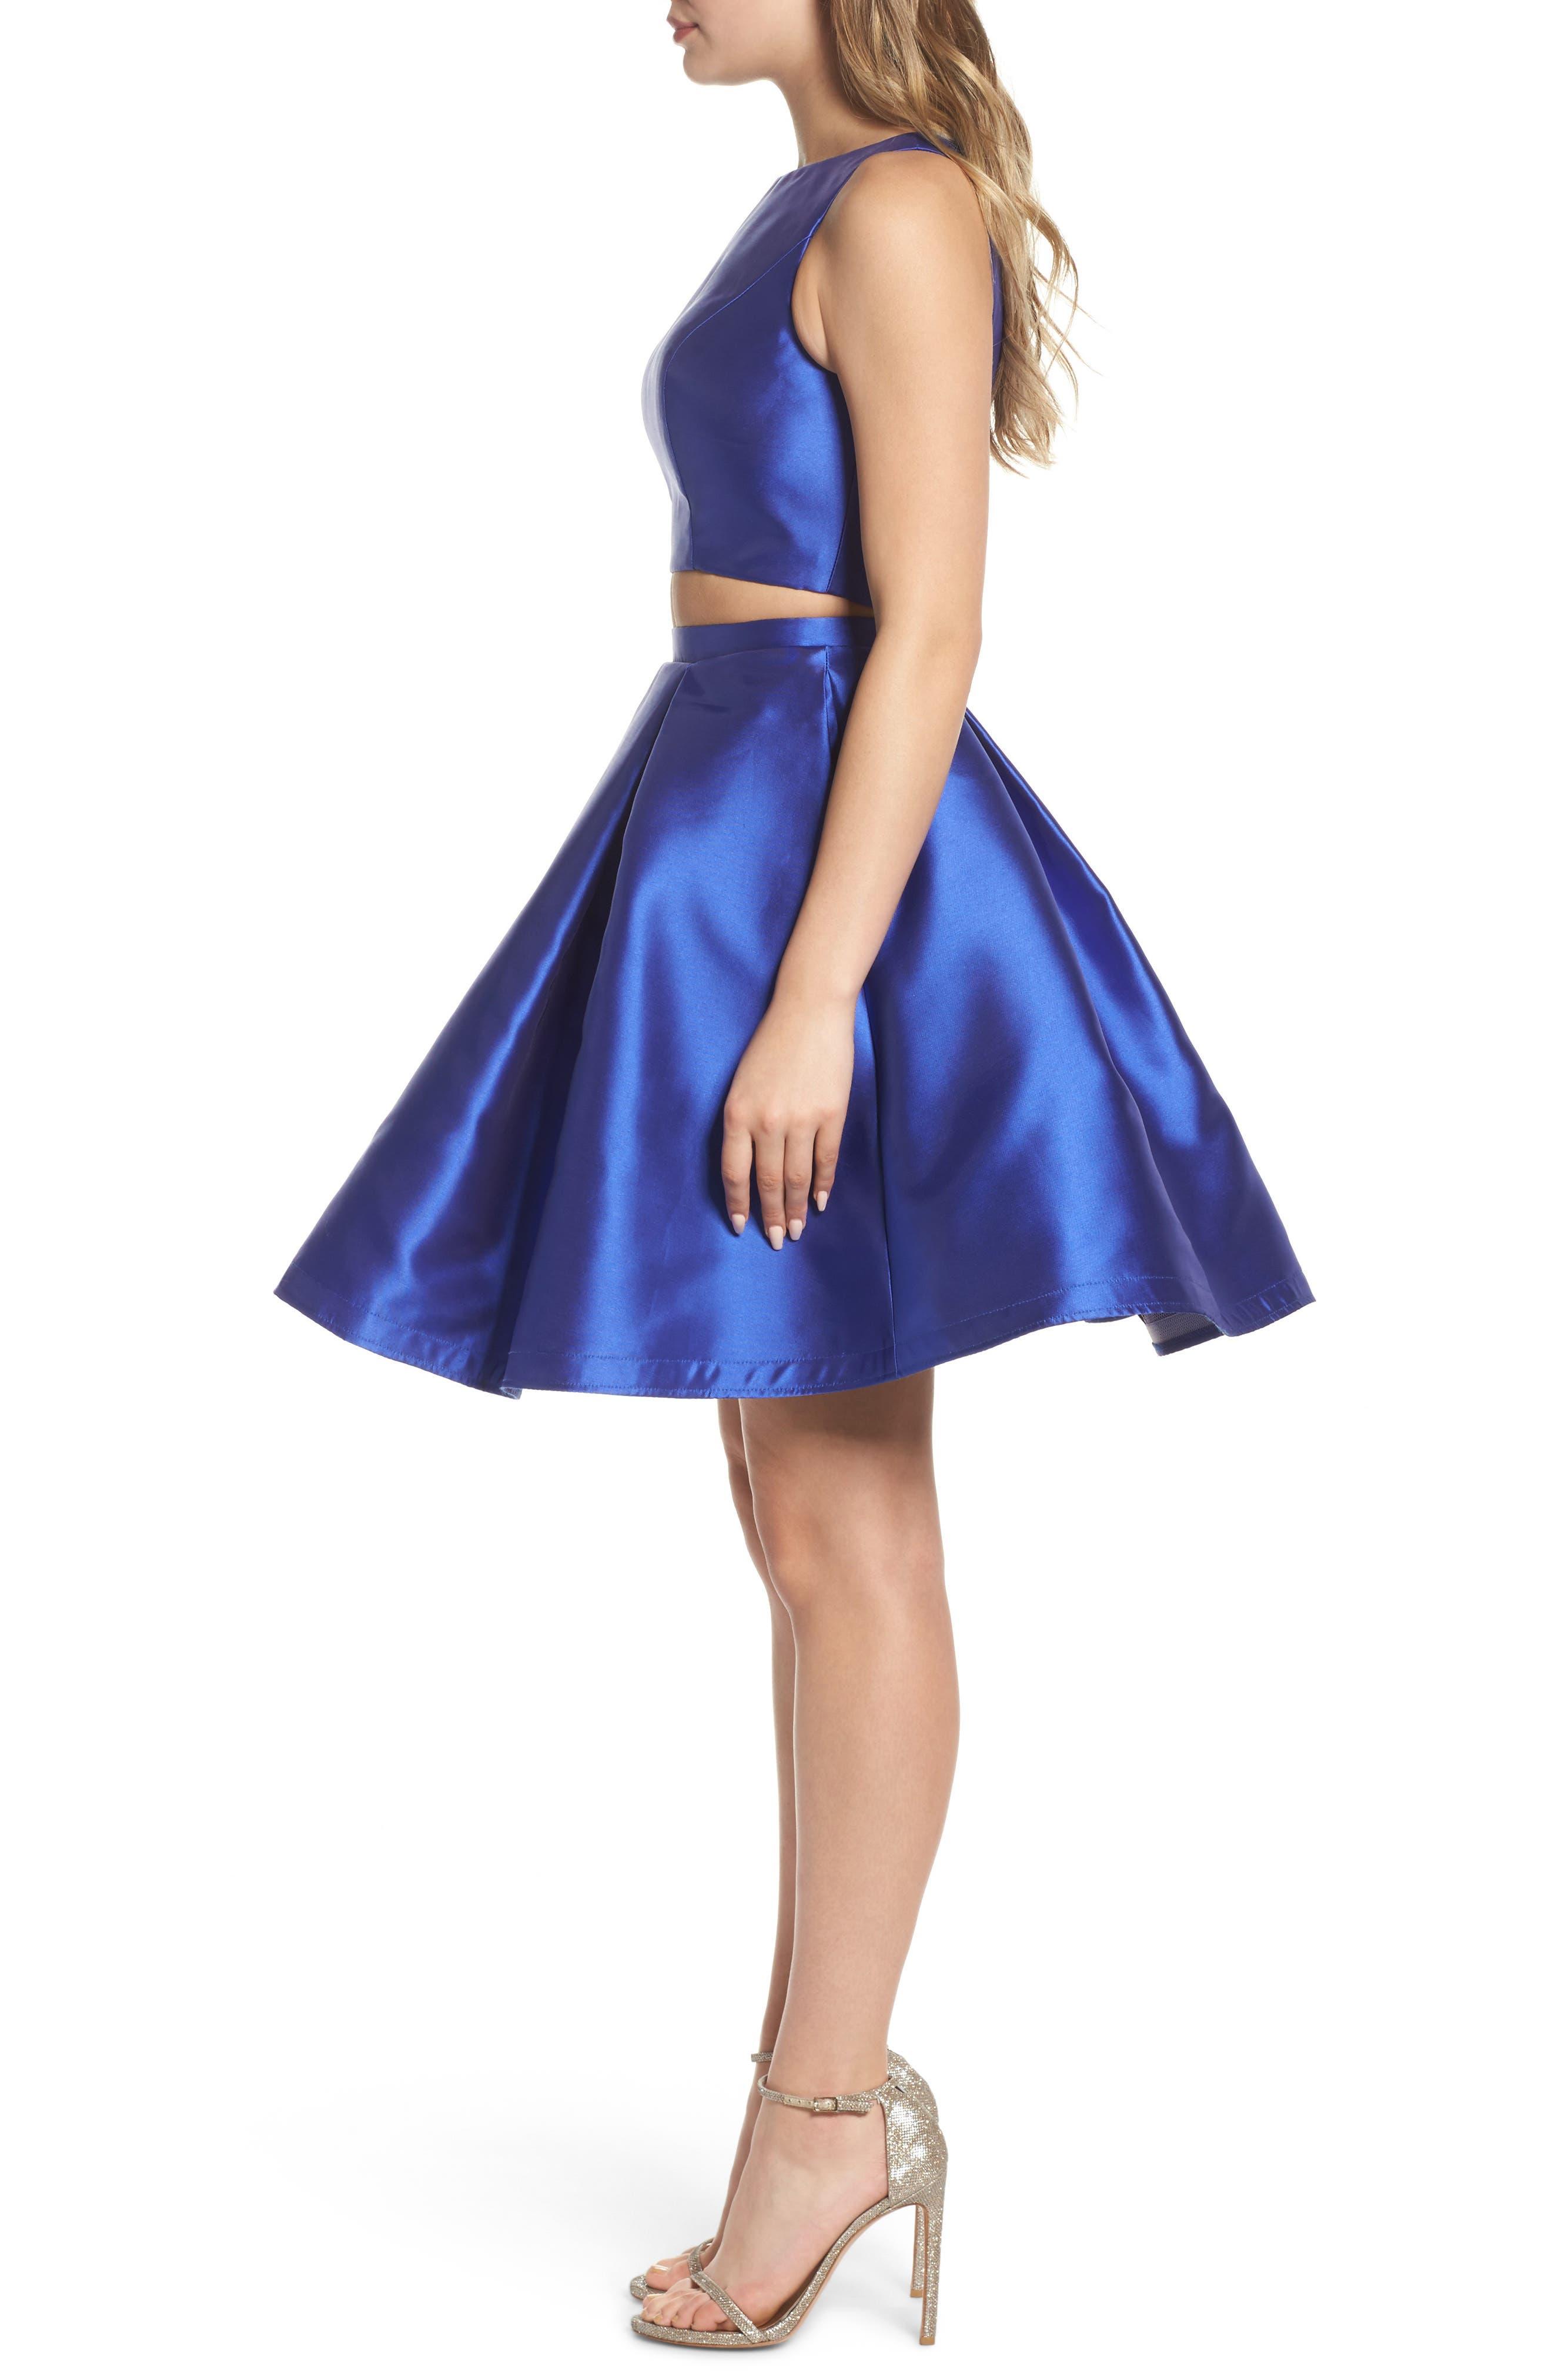 Skater Skirt Two-Piece Dress,                             Alternate thumbnail 3, color,                             SAPPHIRE